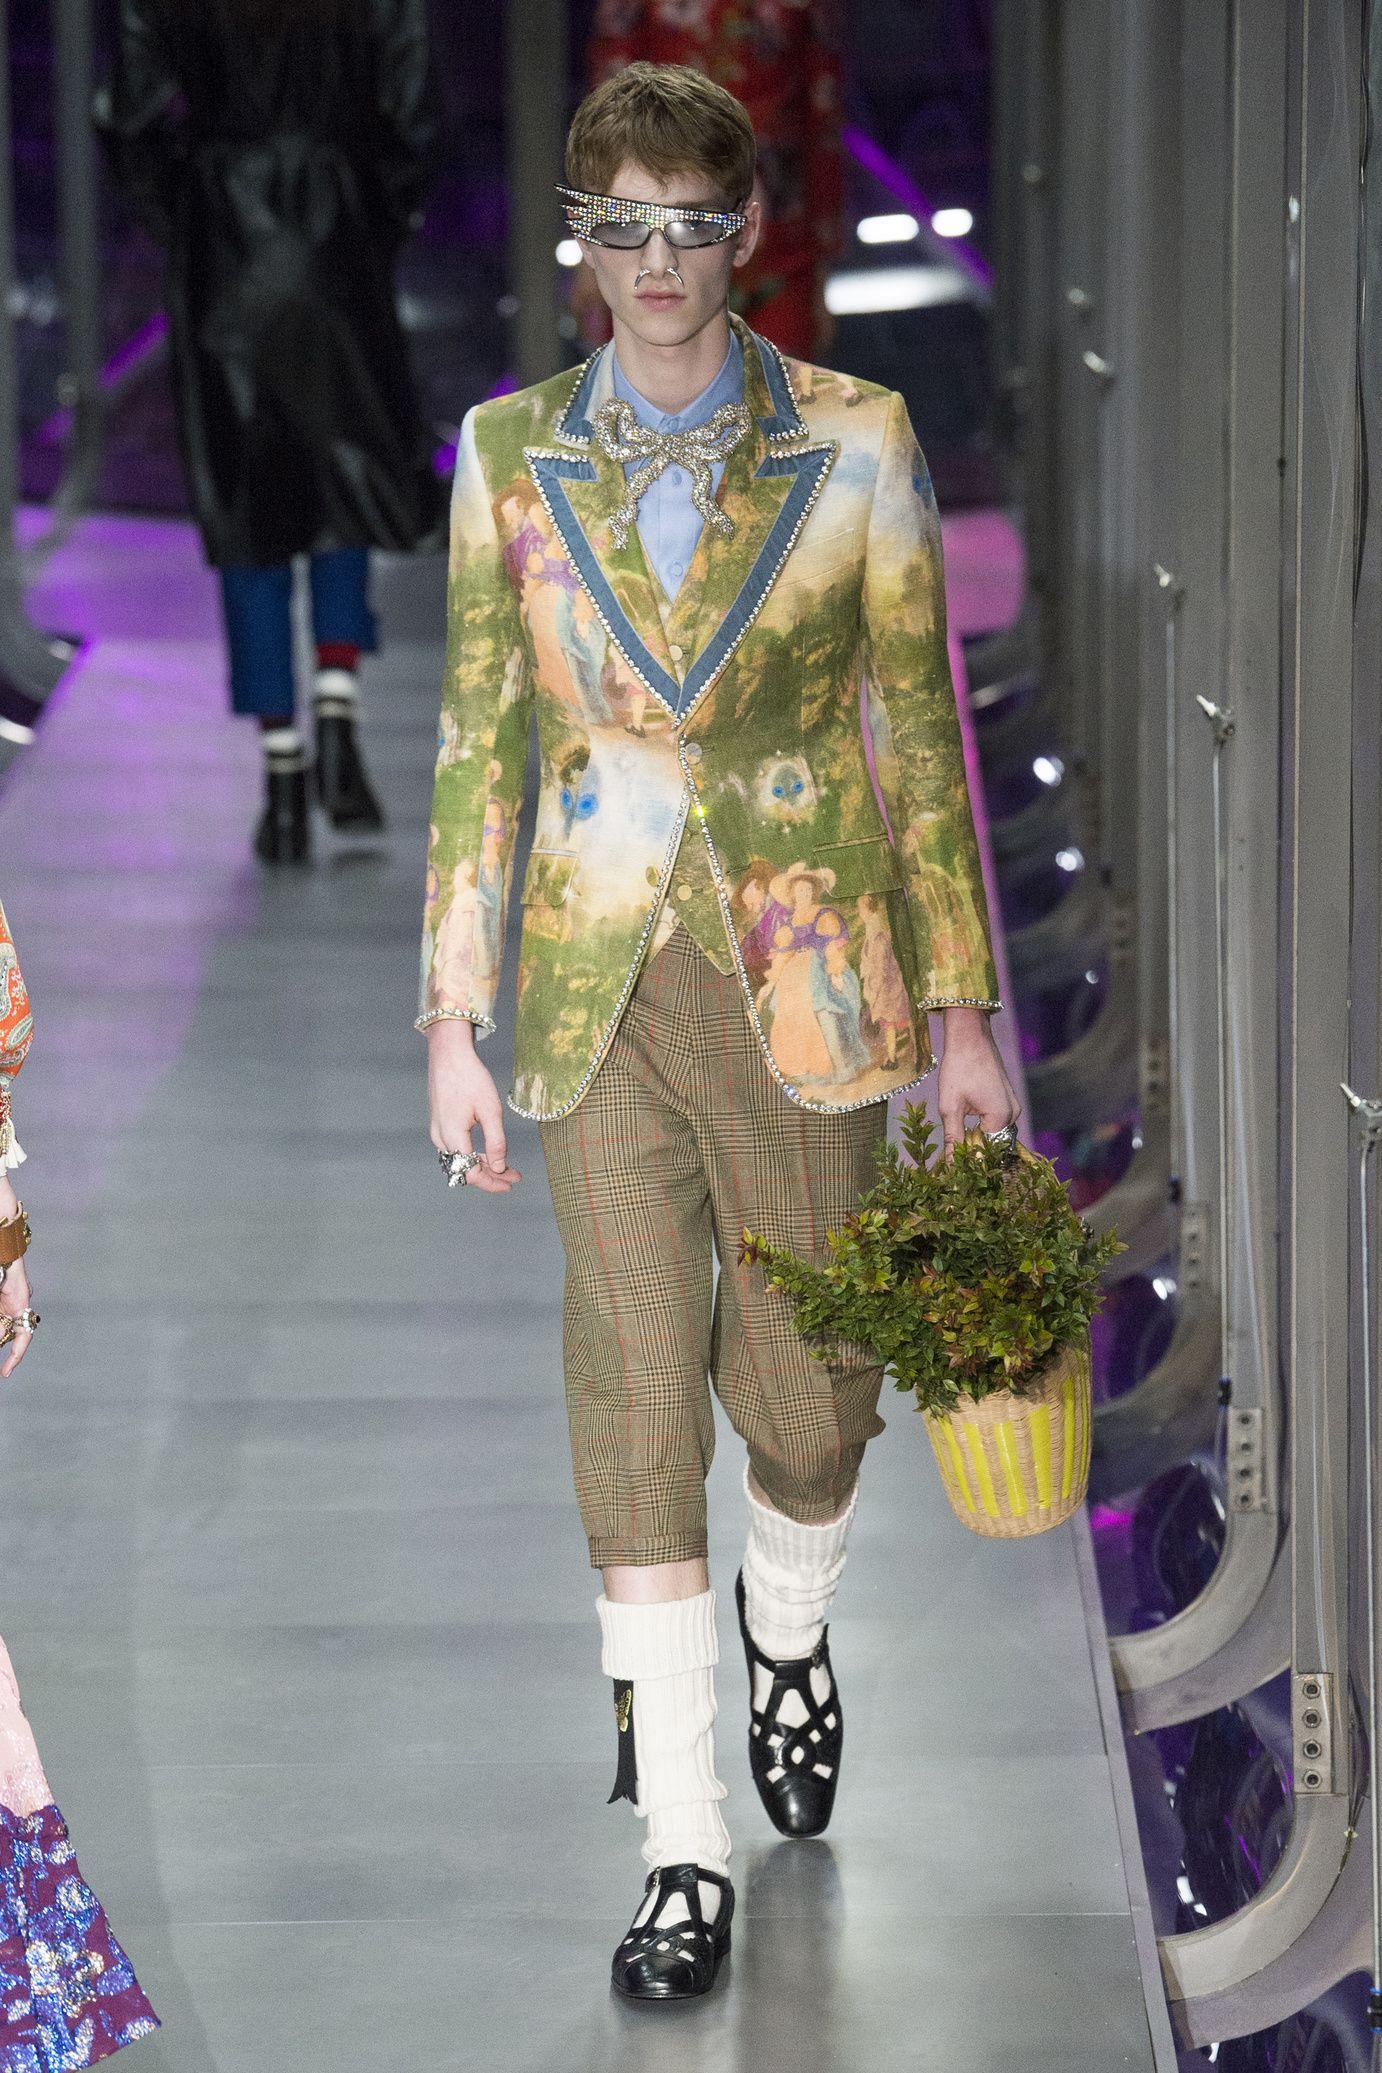 8e2eacaa41965  DéfiléGucci  fashion  Koshchenets Défilé Gucci prêt-à-porter femme automne-hiver  2017-2018 46